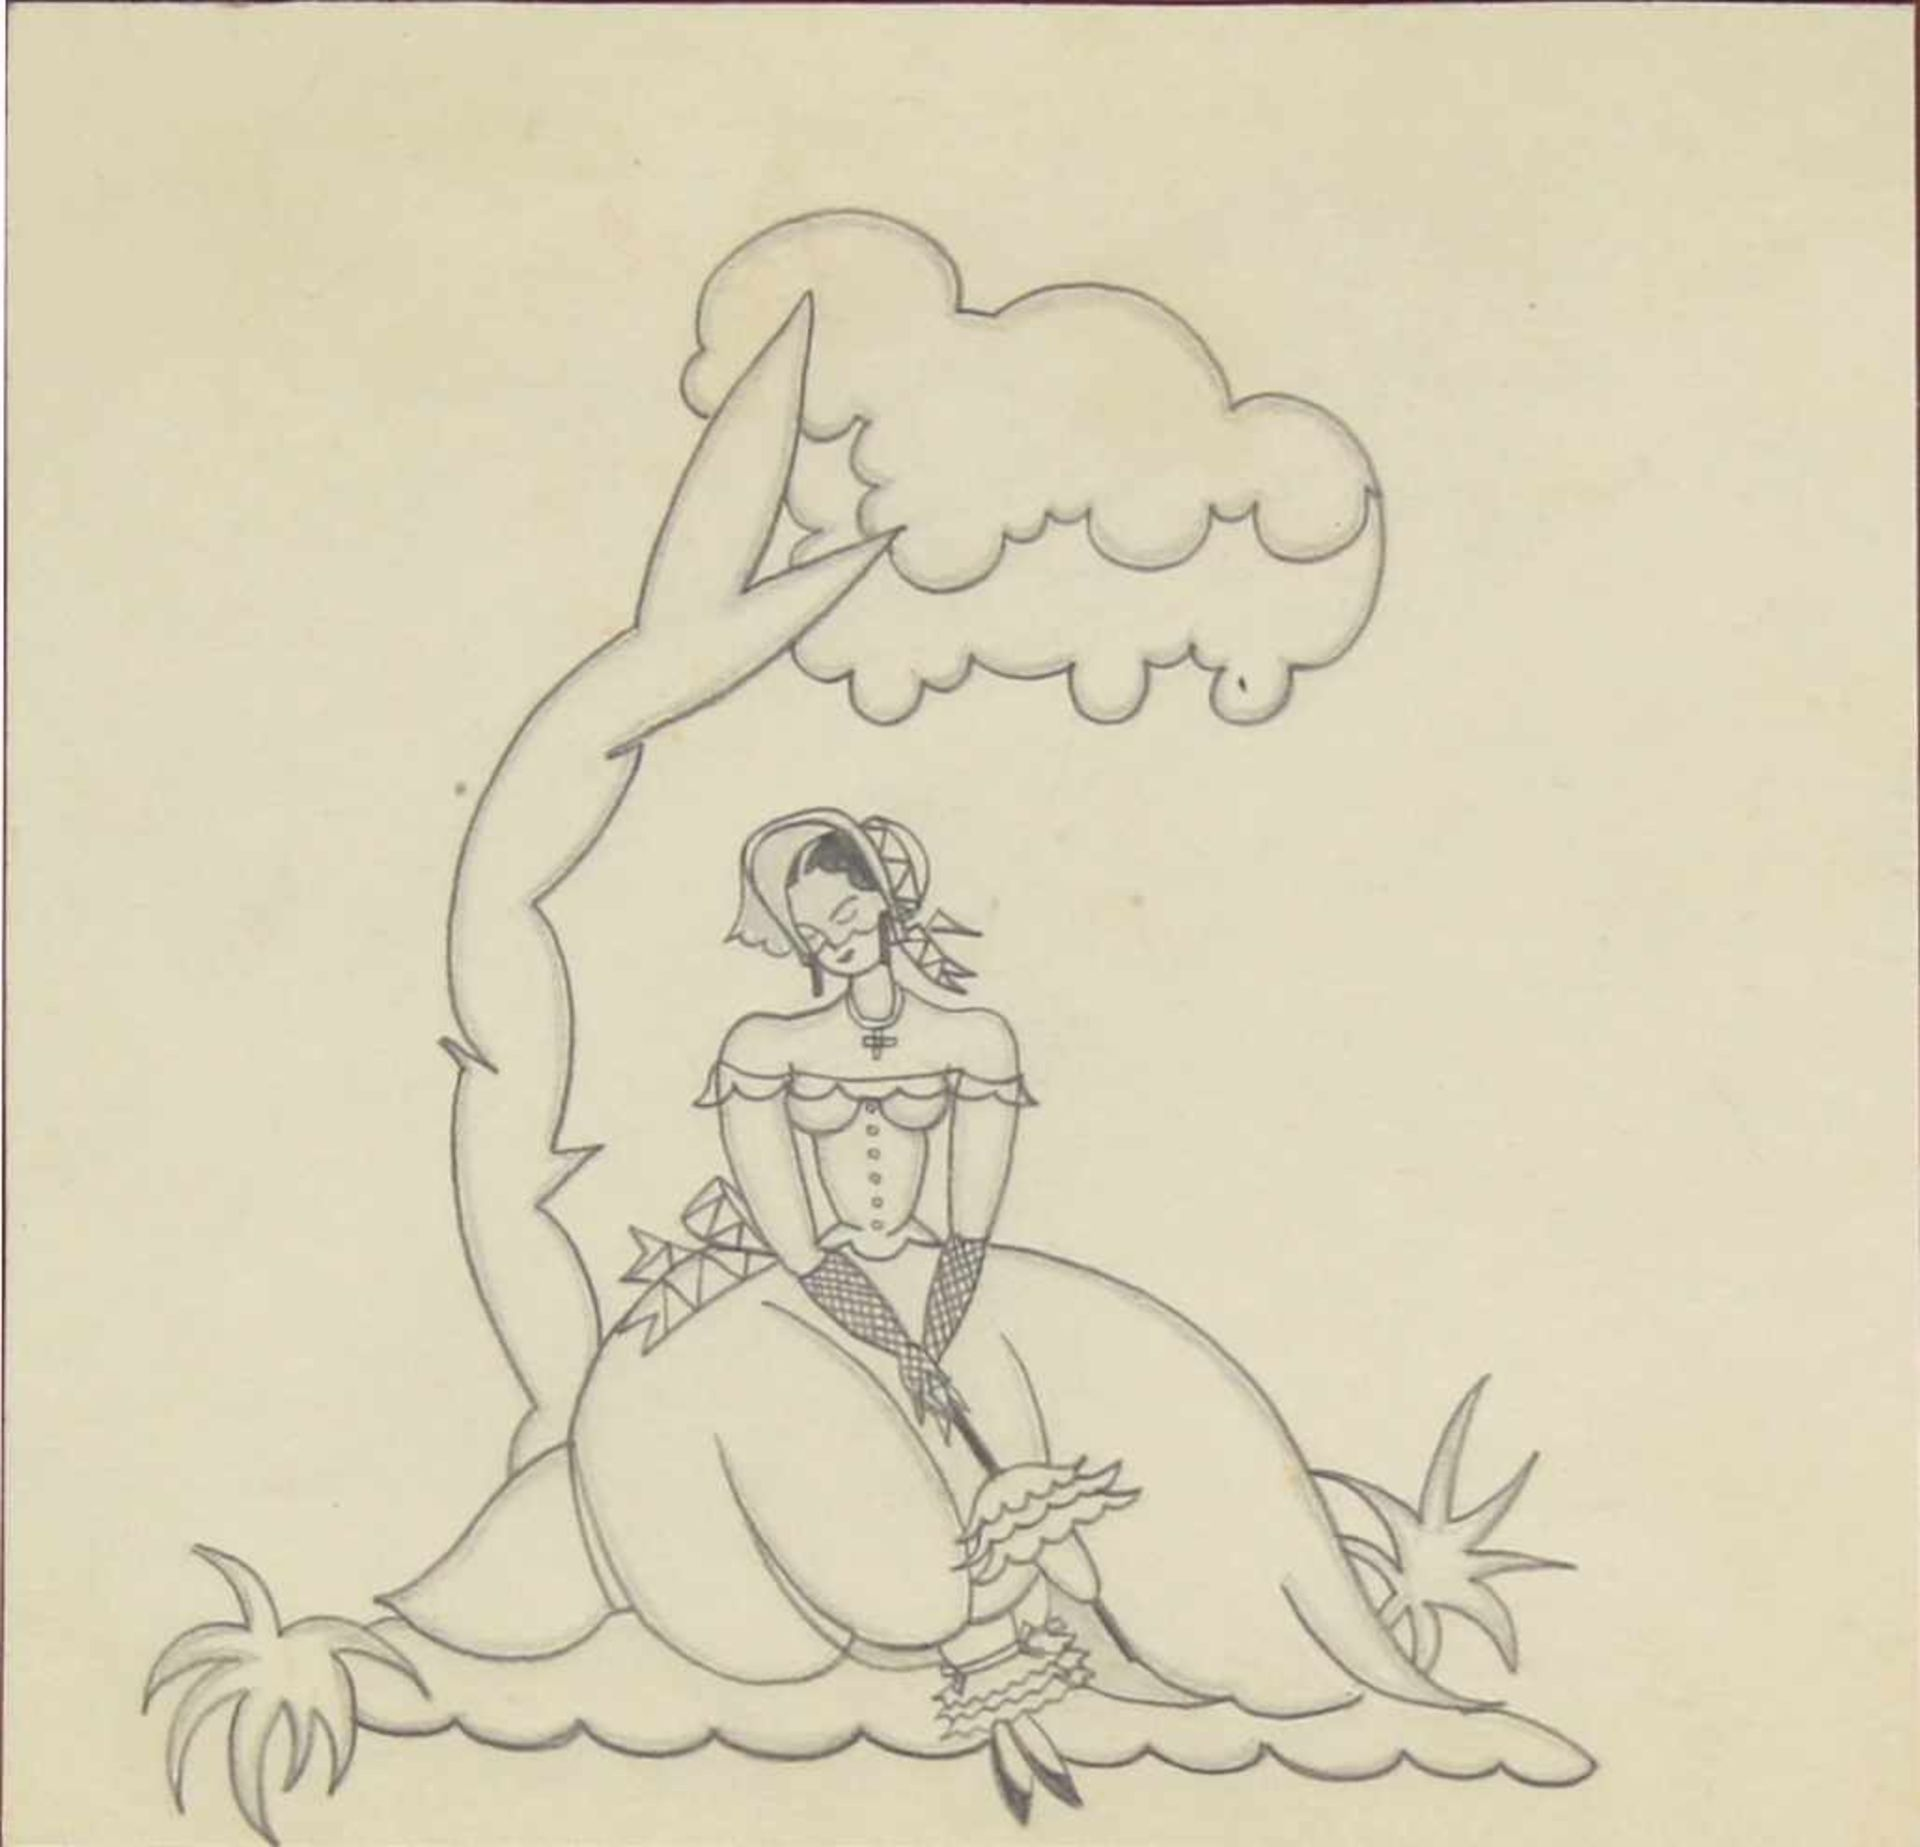 Grete Jelinek-Wiglitzki Konvolut aus 3 Zeichnungen der Künstlerin um 1930 Graphit 3 Zeichnungen 15 x - Bild 4 aus 6